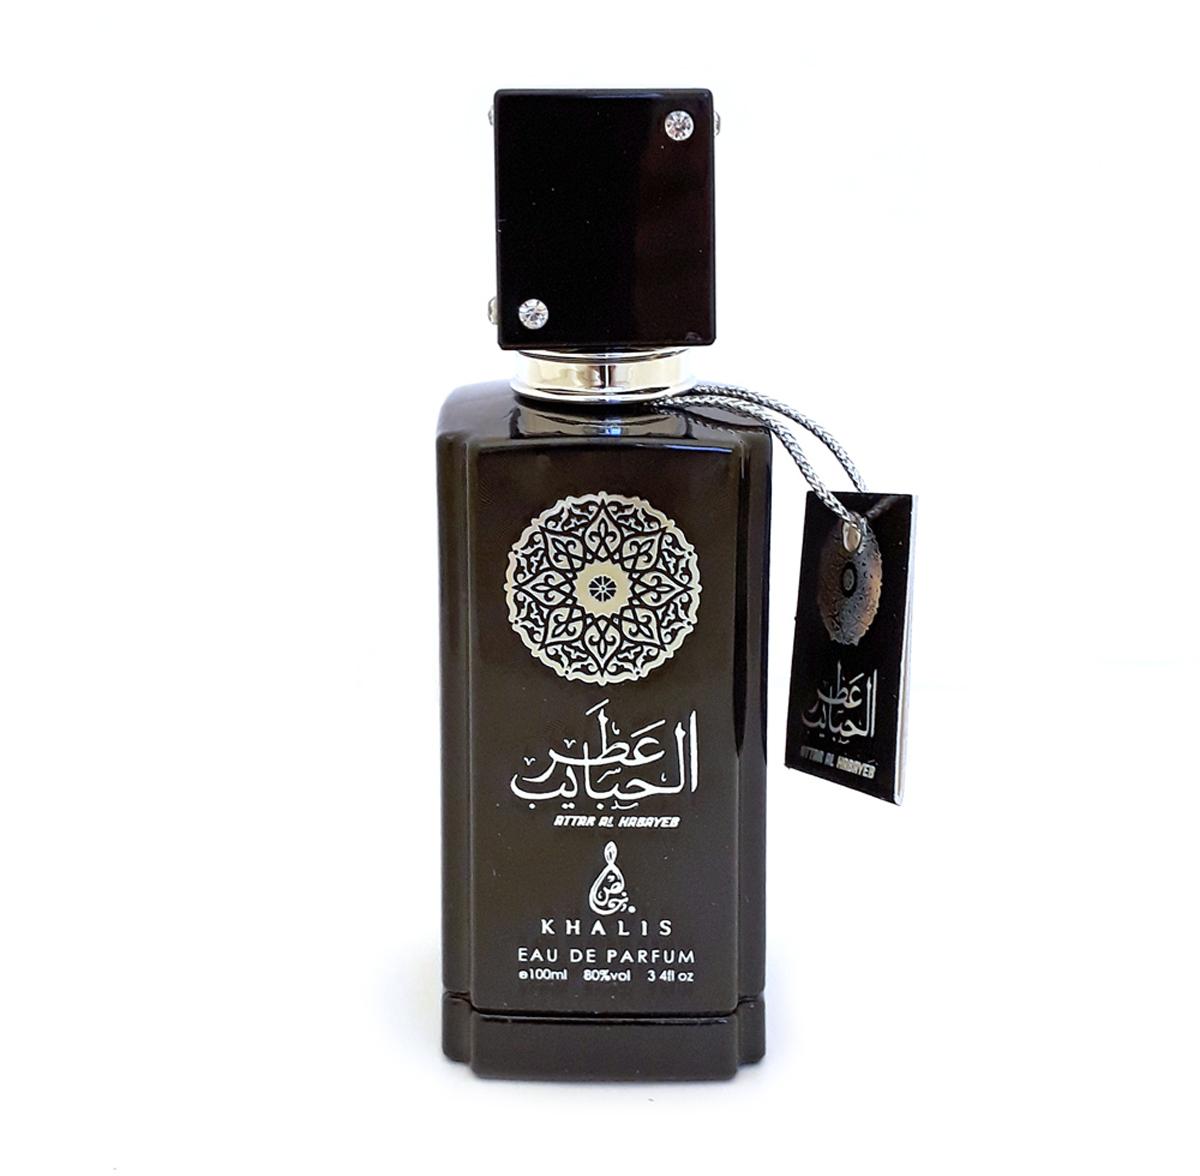 Khalis Arline Attar Al Habayeb Парфюмерная вода, 100 млKH215662ARLINE ATTAR AL HABAYEB туалетные духи 100 мл спрей. Принадлежит к группе кожаные ароматы. Основные ноты: лабданум, смолы, древесина, кожа, амбра.